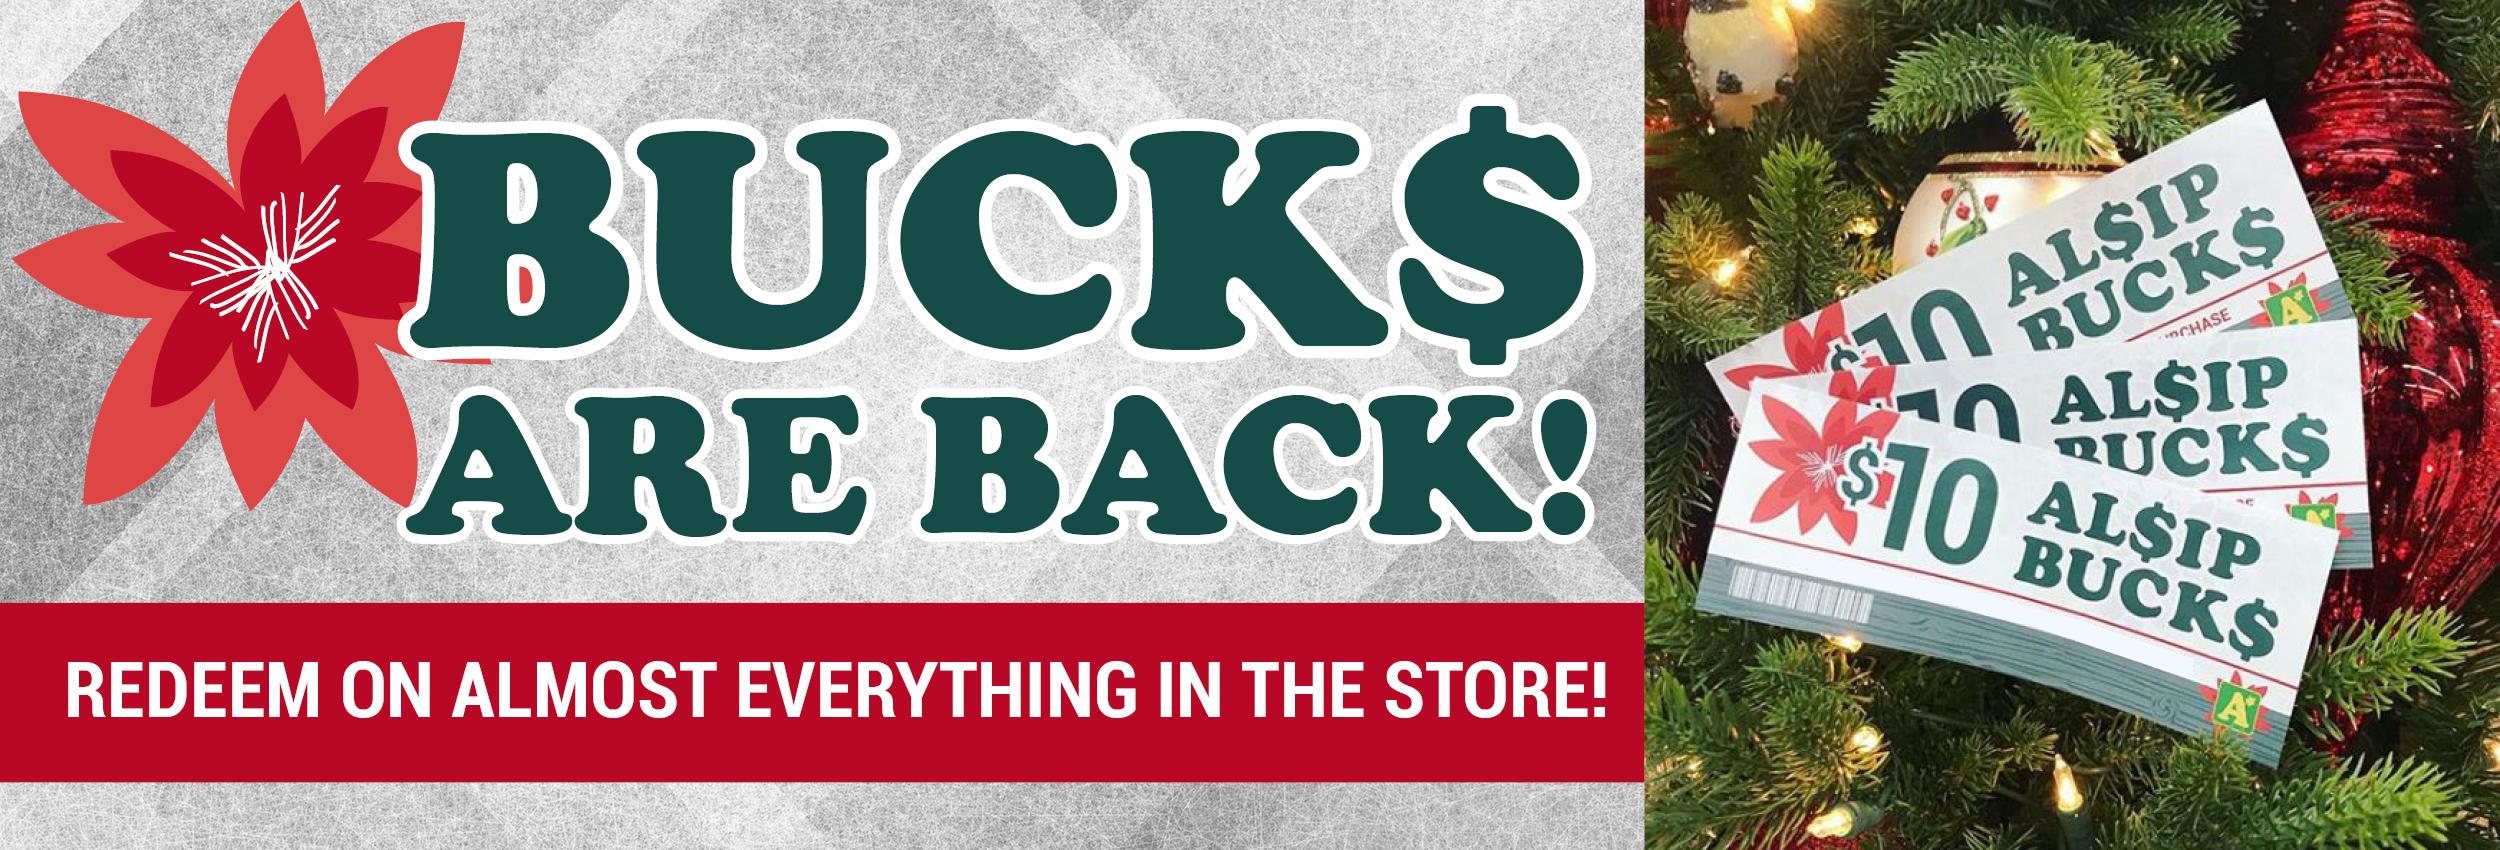 Alsip Bucks Promotion